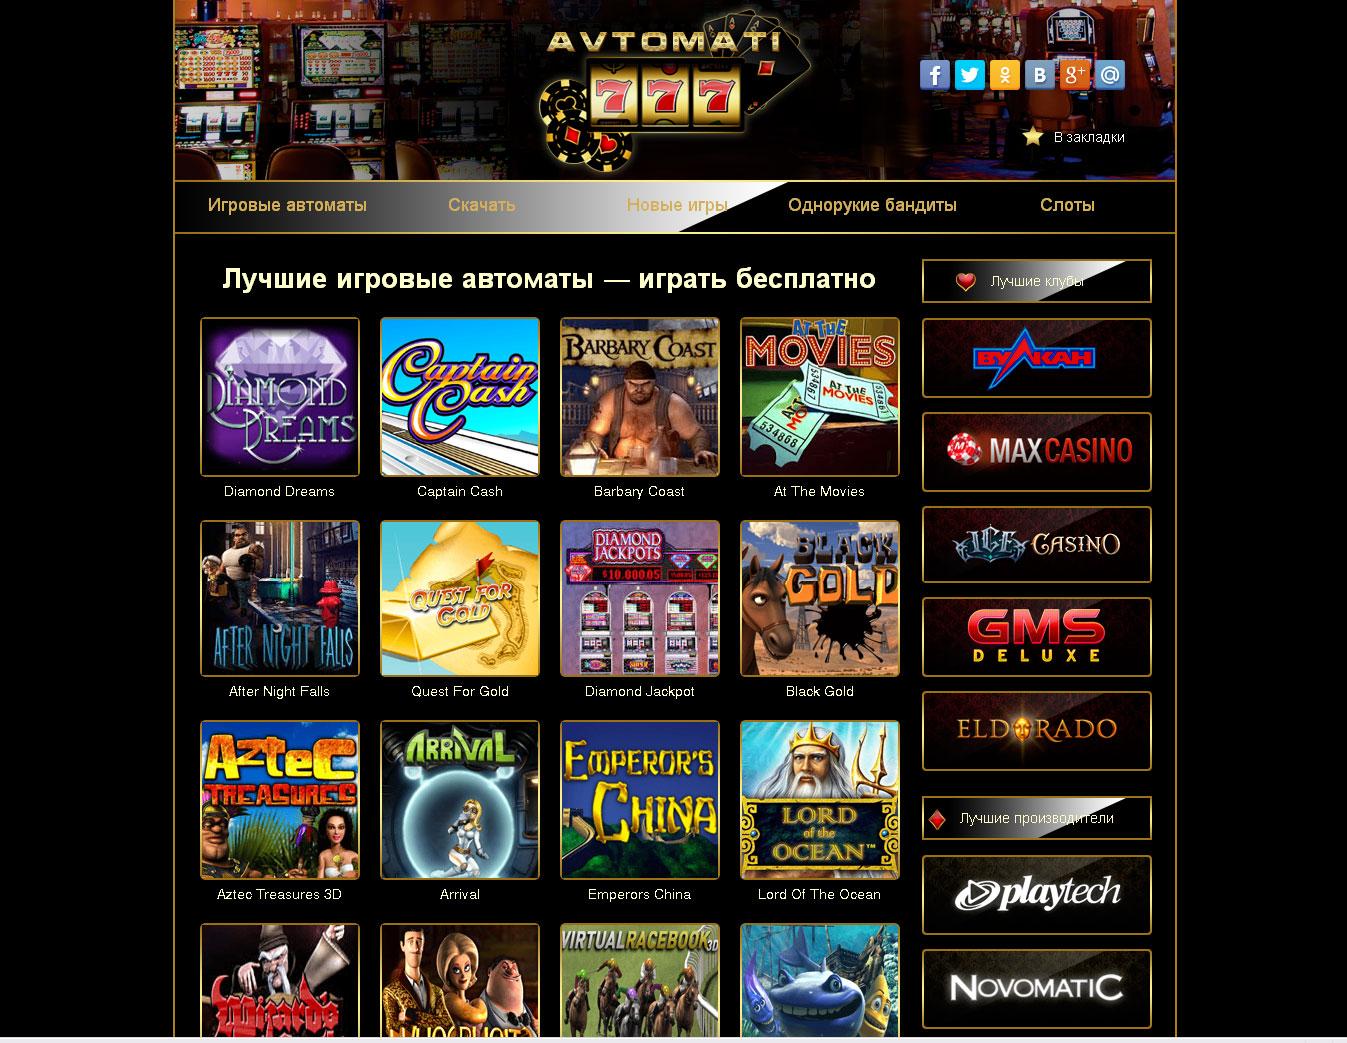 Лучшие игровые автоматы — играть бесплатно